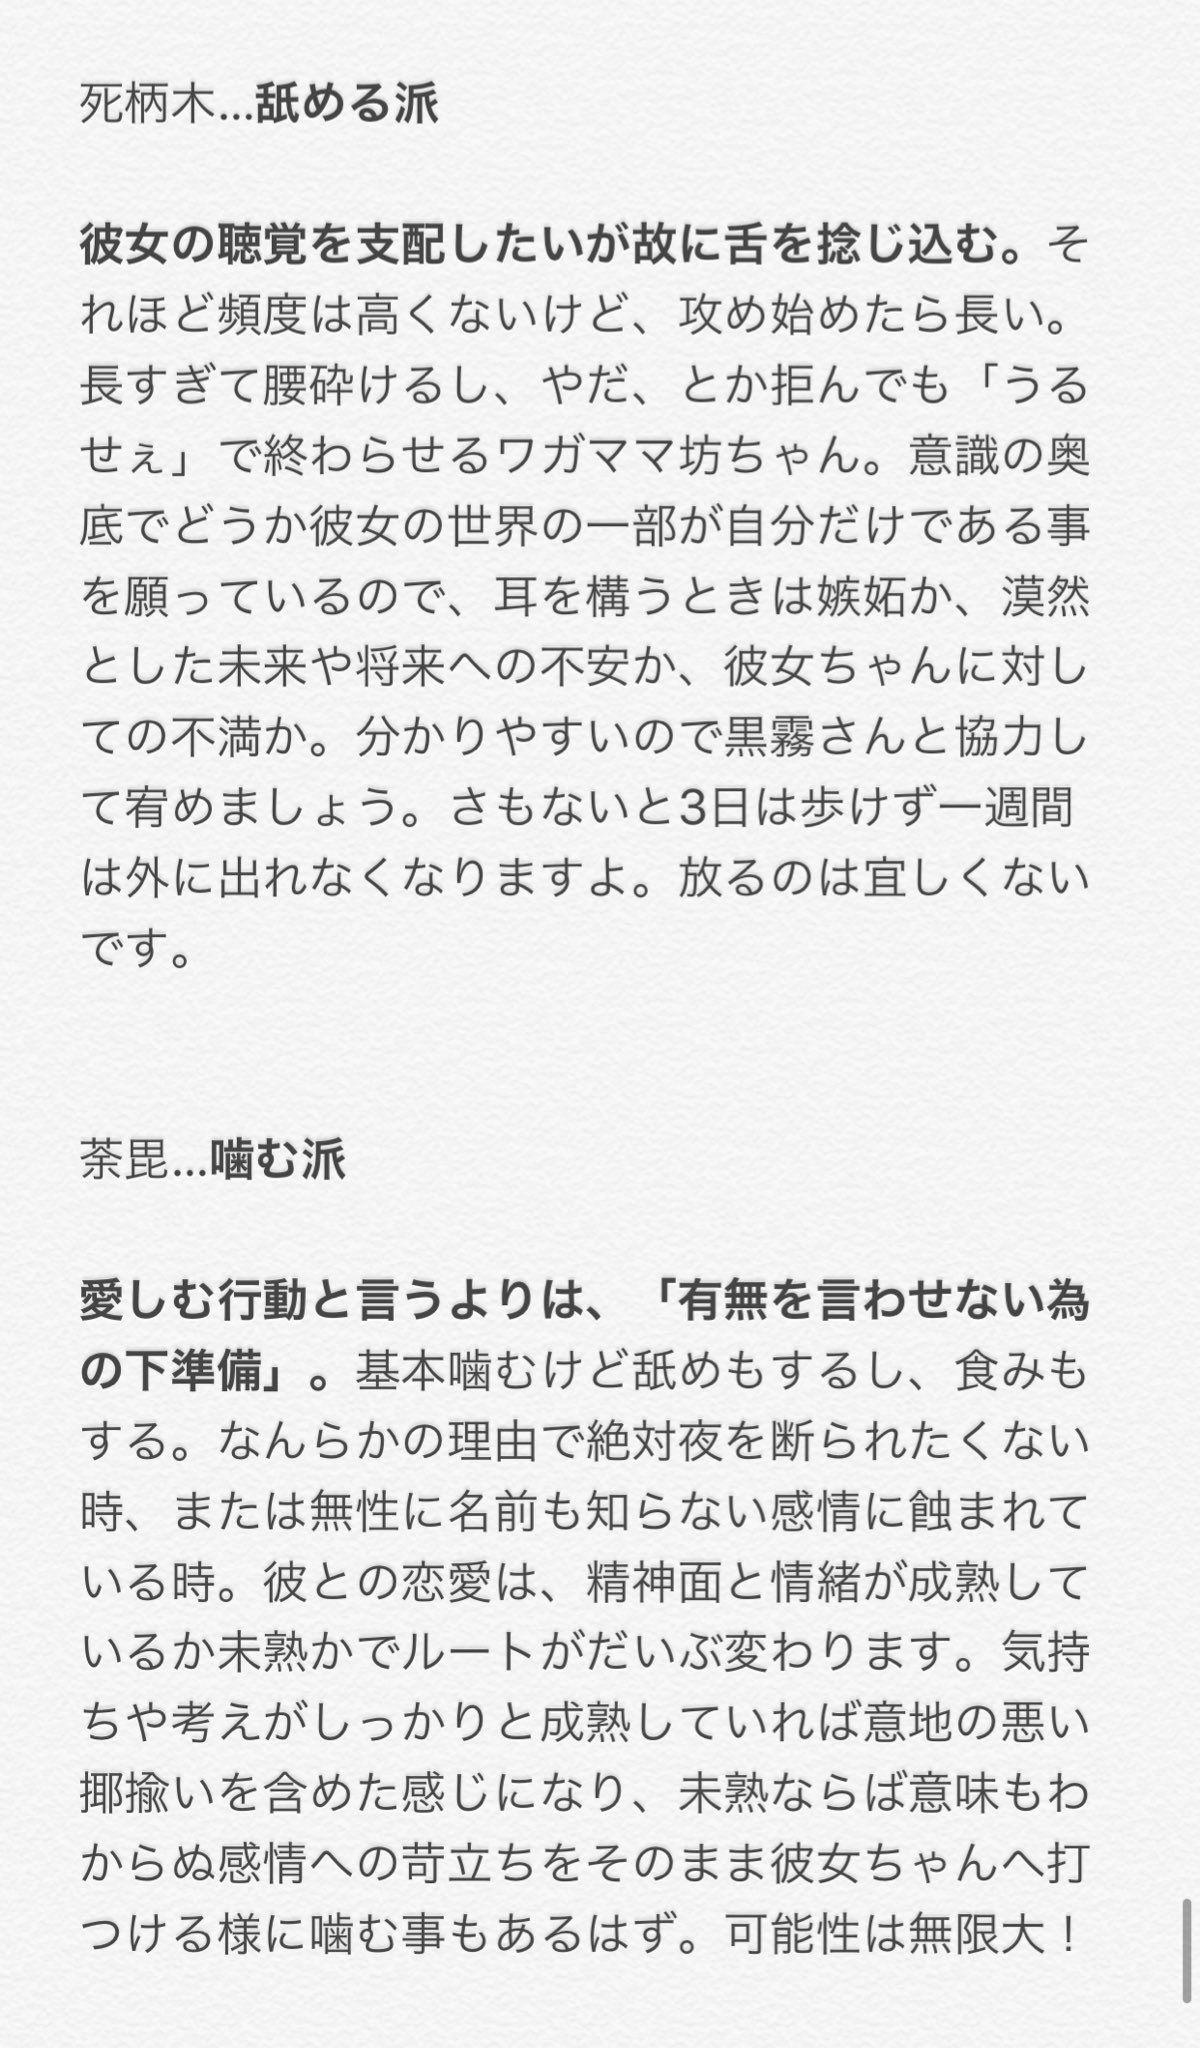 ヴィラン ヒロアカ 夢 小説